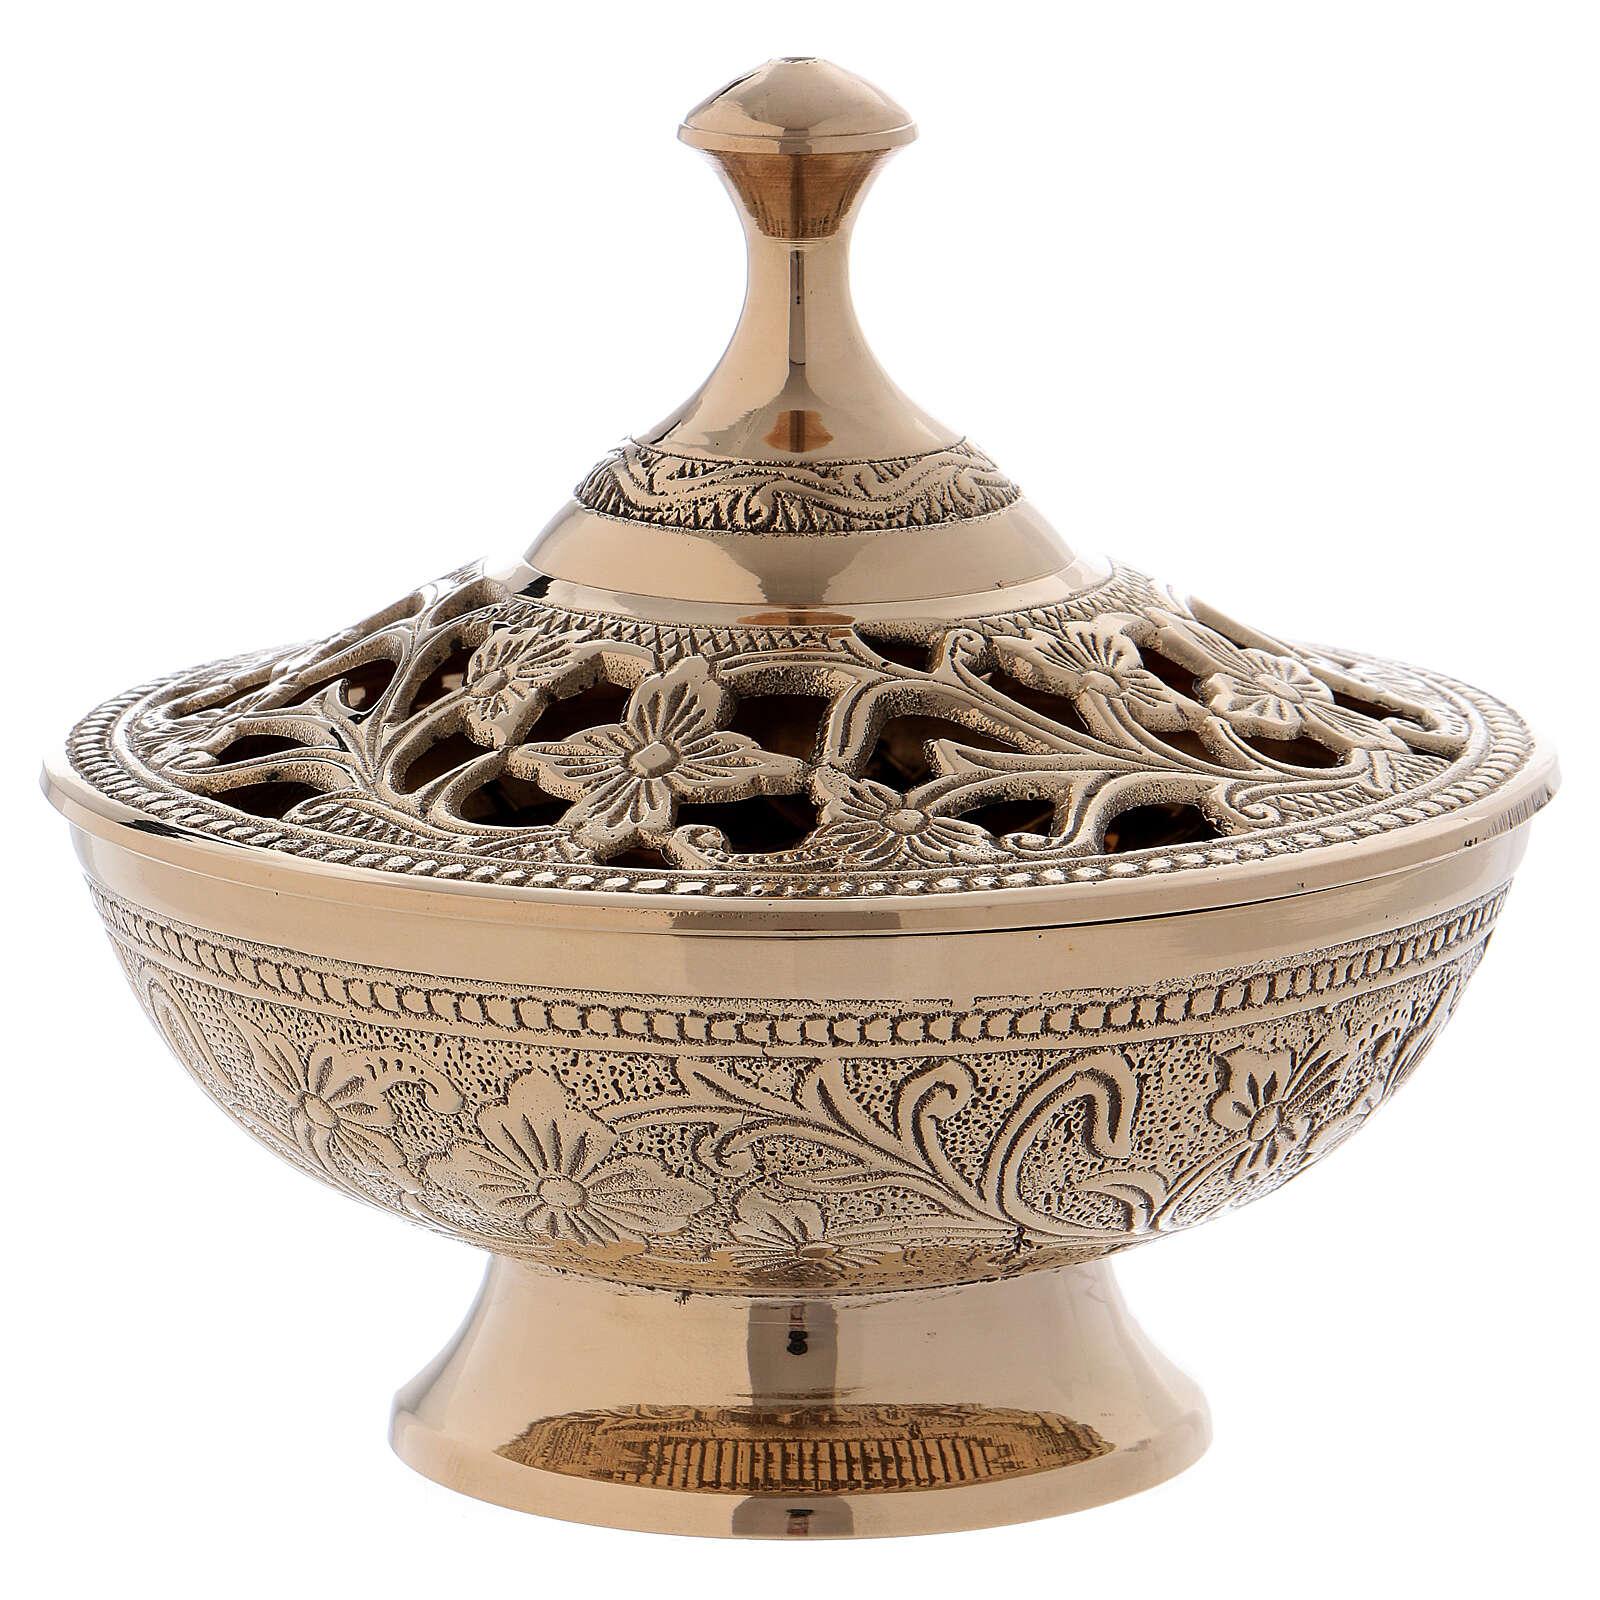 Queimador incenso decorações e entalhes florais latão dourado 3